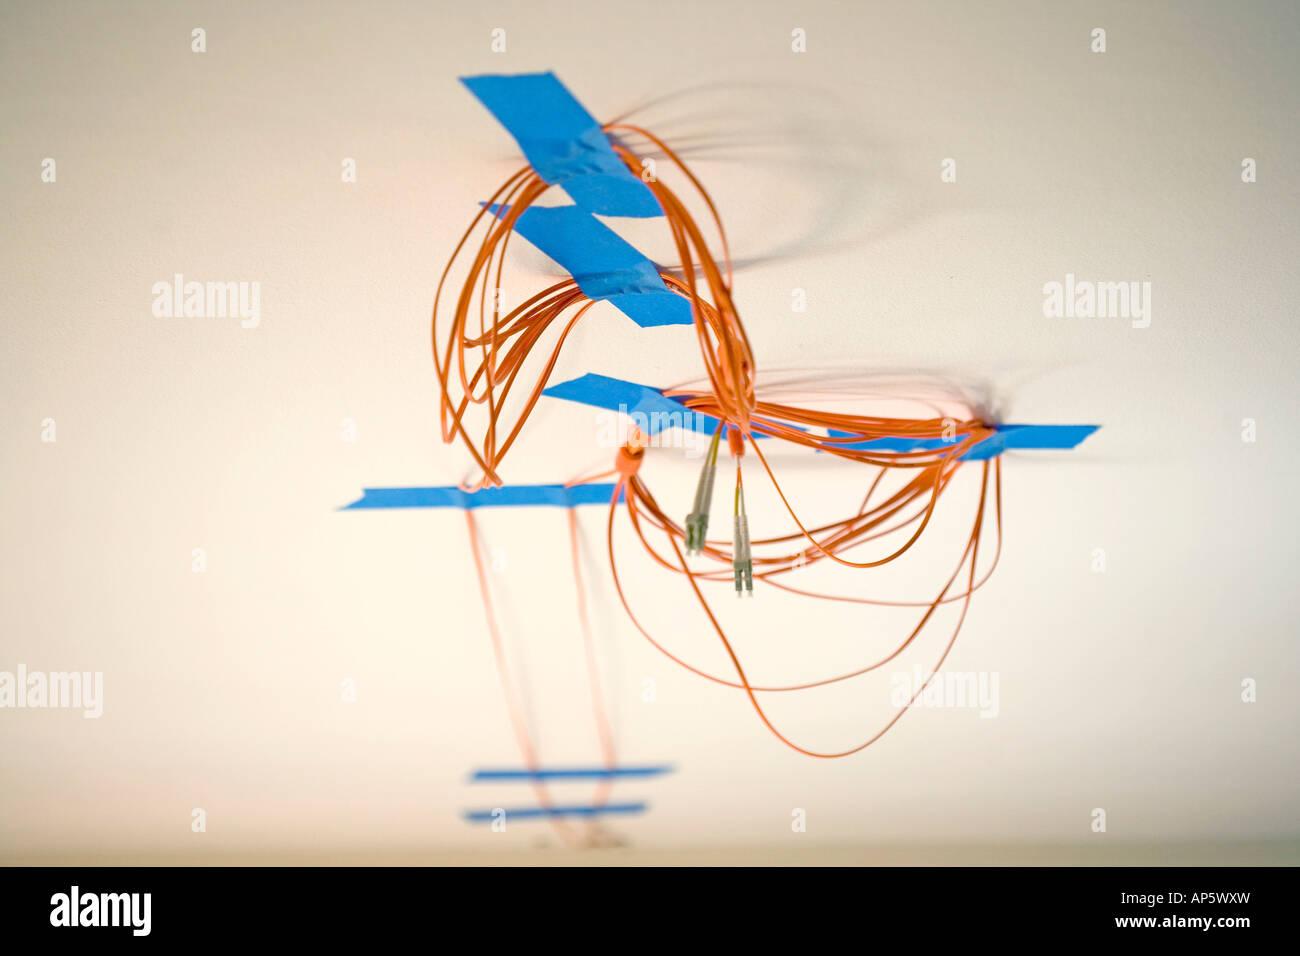 Cavo in fibra ottica internet astratto blu arancione design bianco Immagini Stock